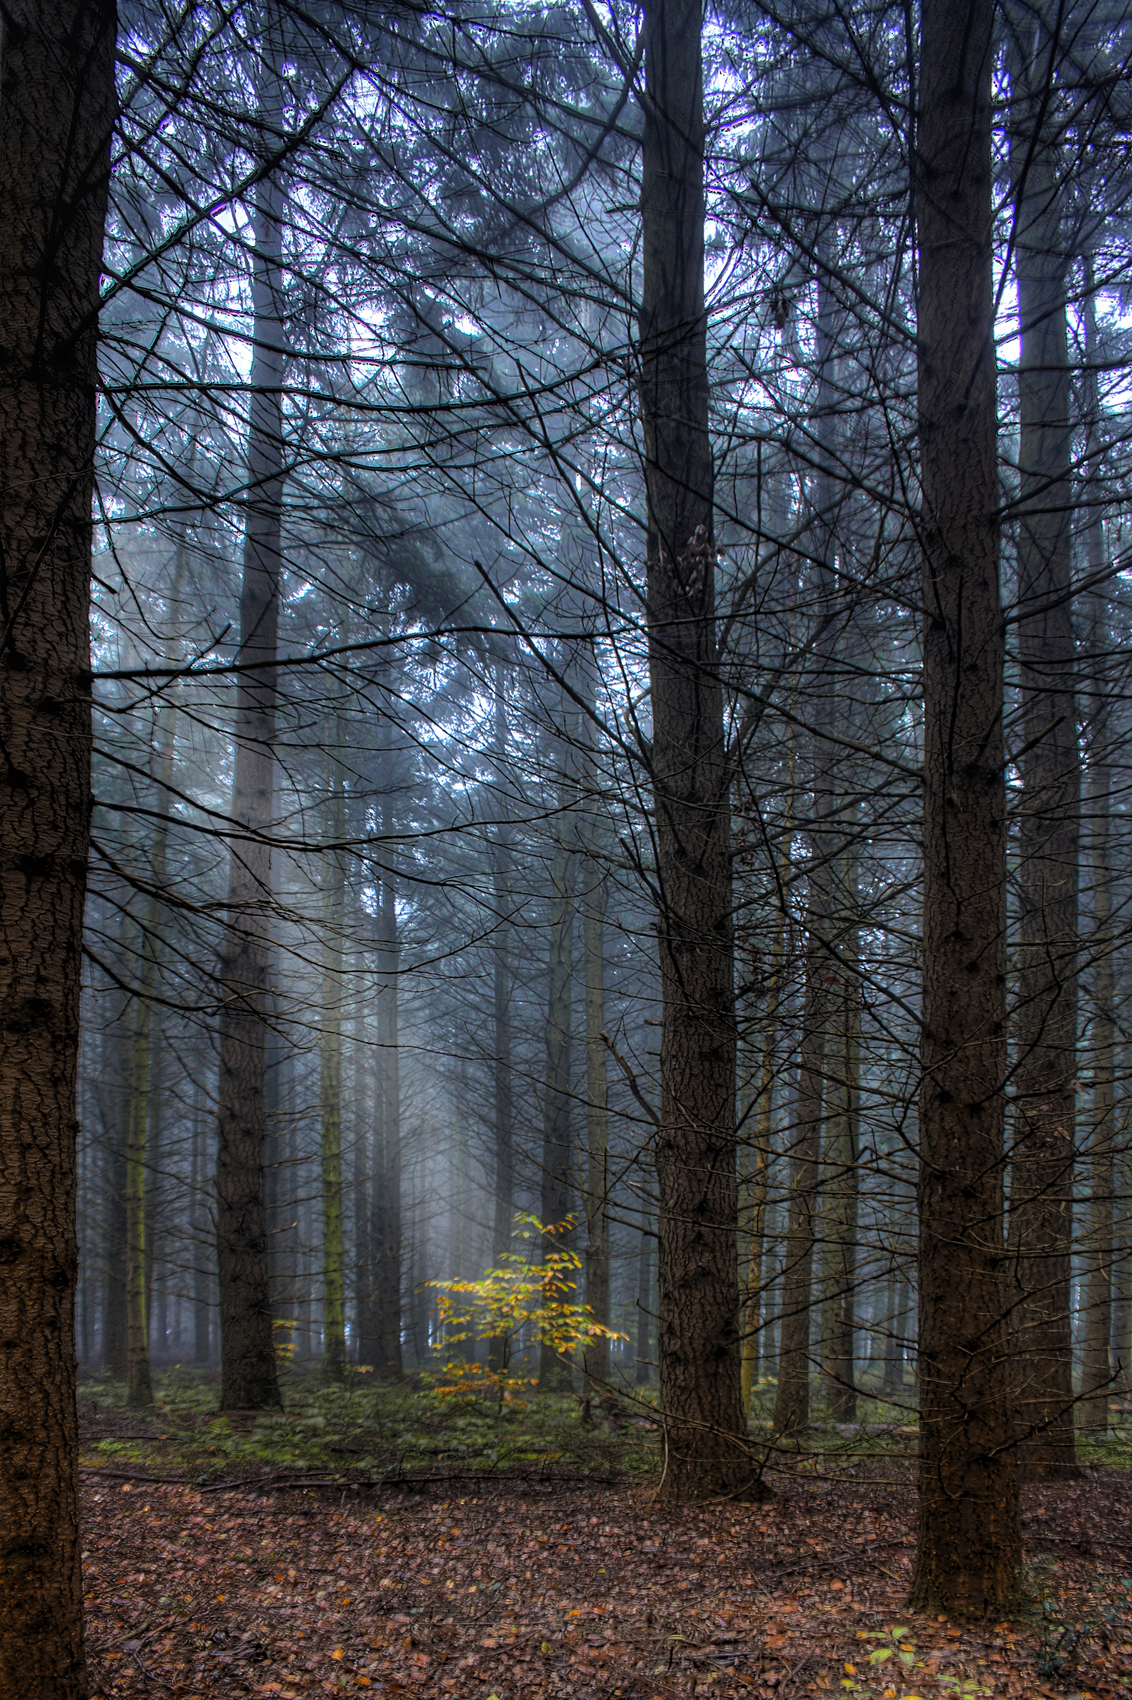 groenewoud - een herfstplaat gemaakt in het 'groenewoud' te Swalmen (Limburg) - foto door remkokillaars op 04-10-2012 - deze foto bevat: herfst, bos, dennen, lichtstraal